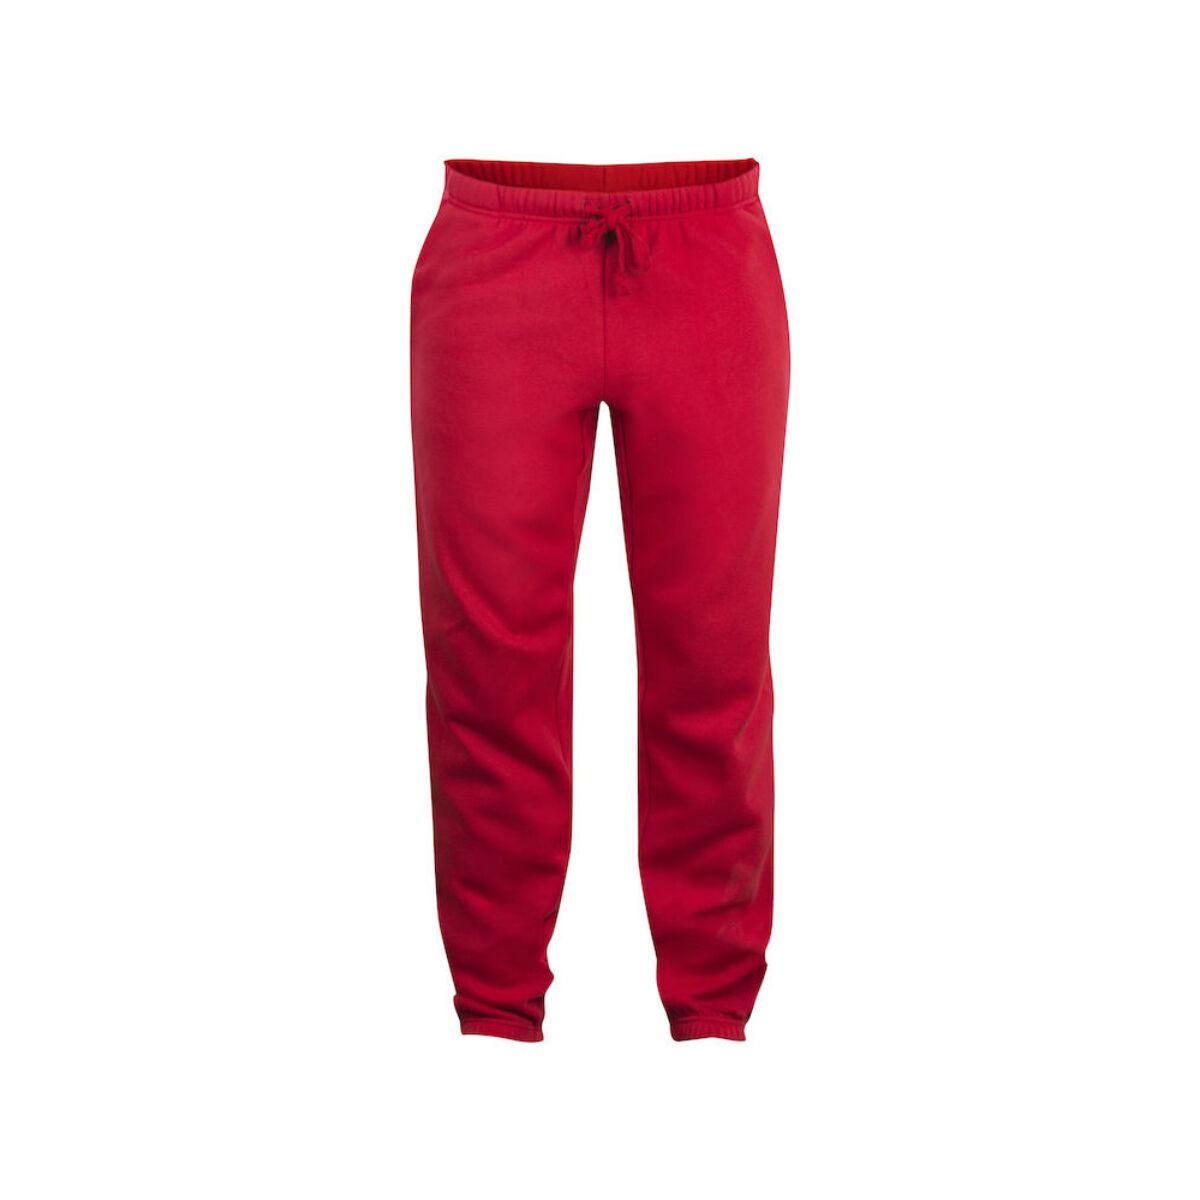 Clique Pants Red